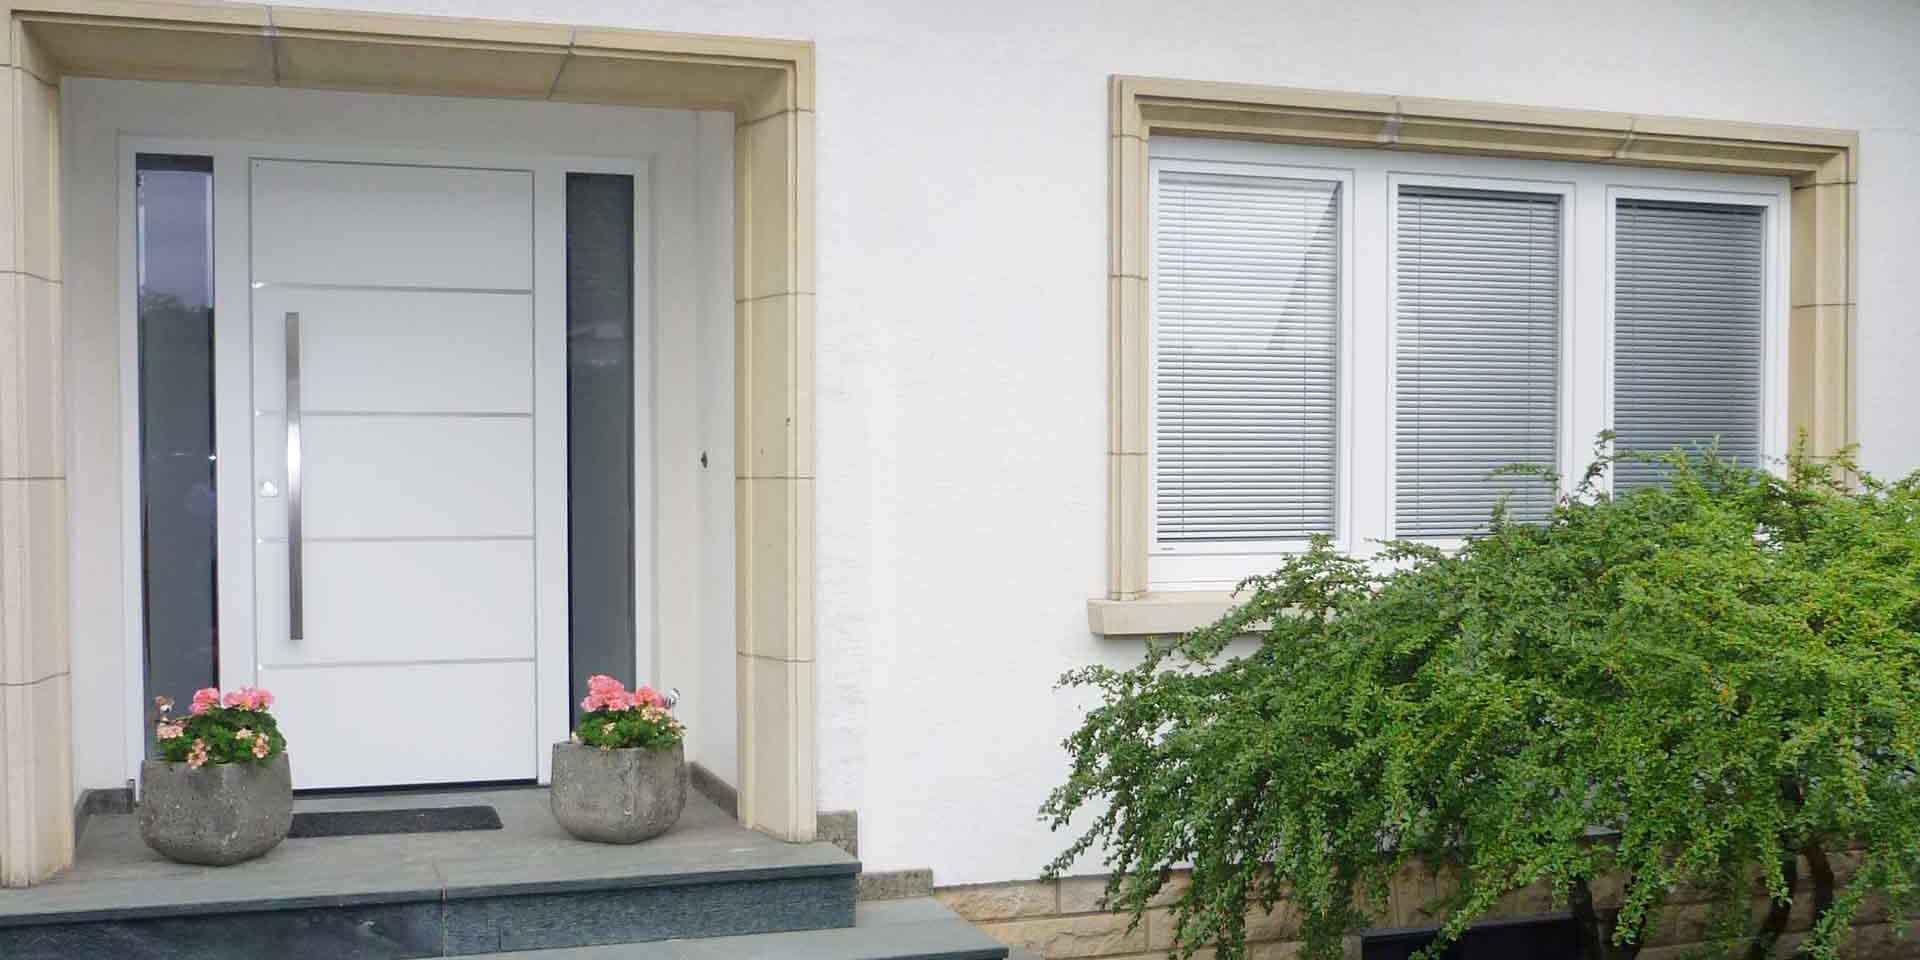 Nahaufnahme auf den Eingangsbereich des weißen Einfamilienhauses mit Blick auf die neue moderne weiße Coplaning Haustür und rechts davon drei weißen Kunststoff Coplaning Fenster.